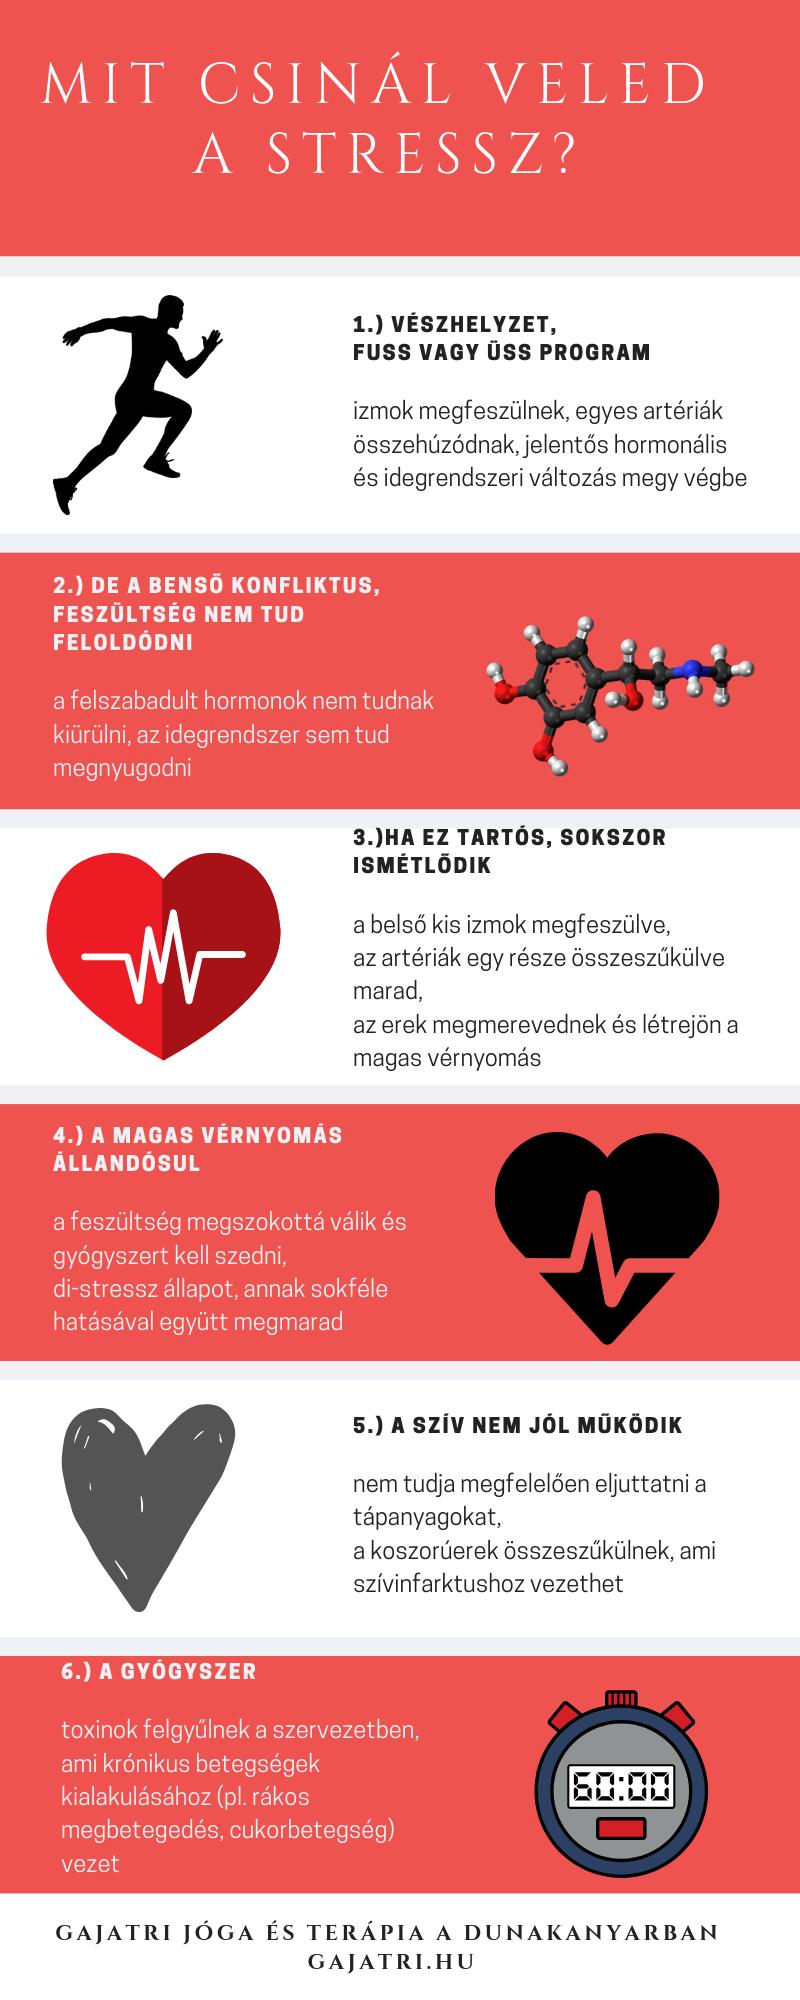 a legfontosabb a tartós magas vérnyomás